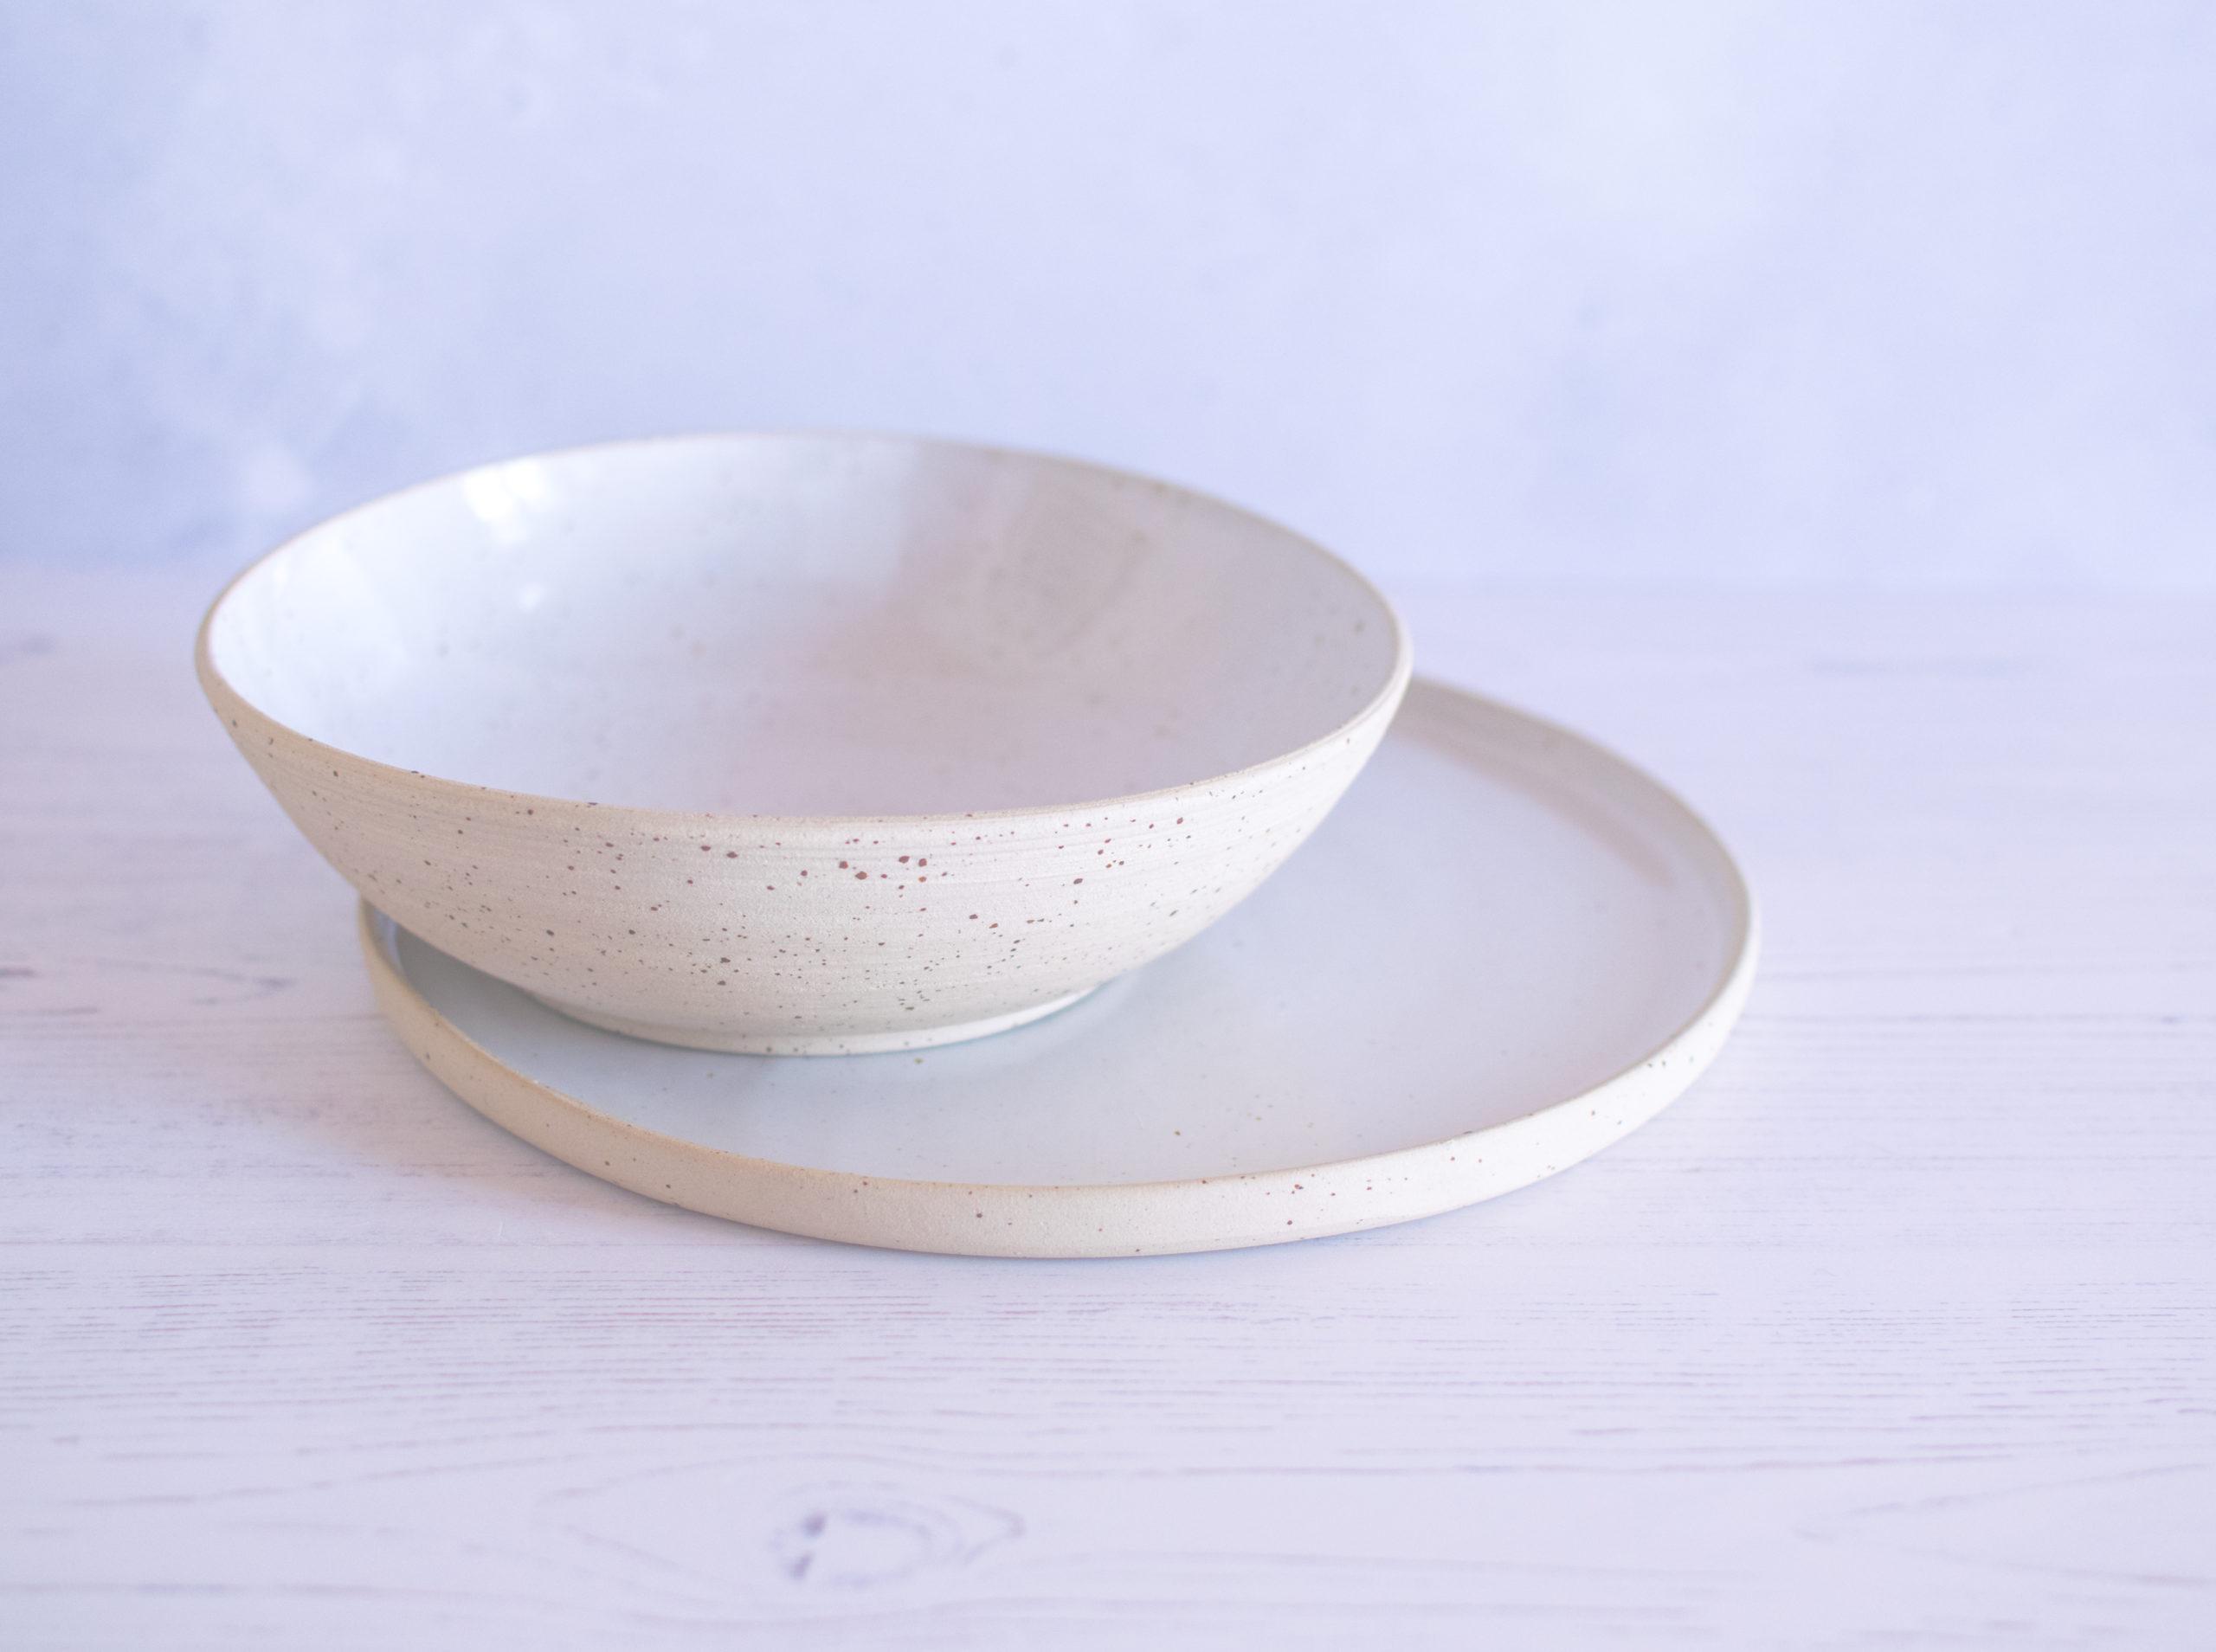 Piatti onigiri in ceramica